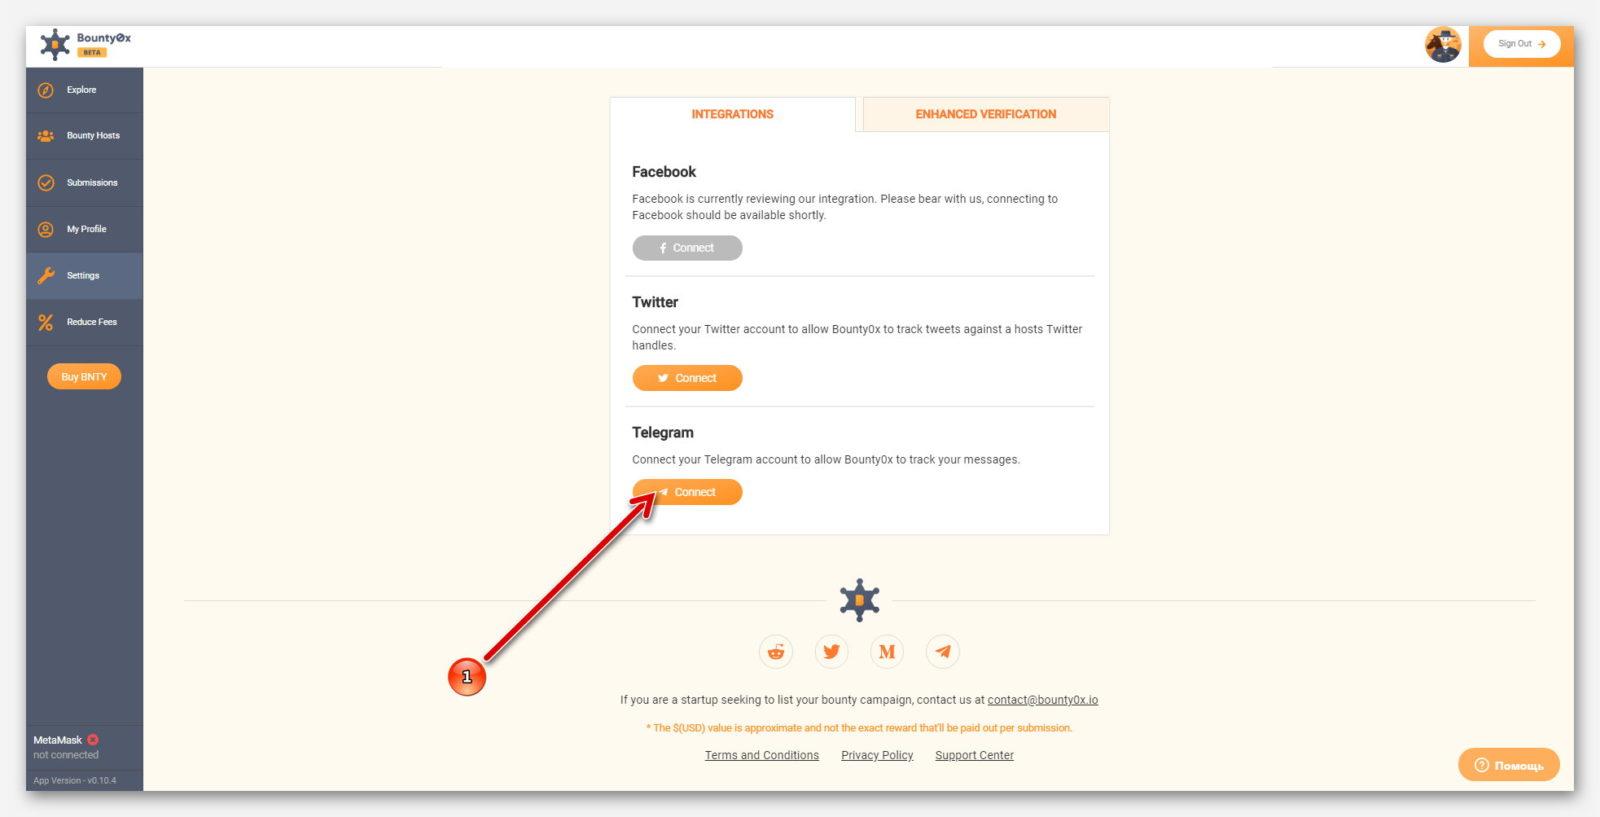 Оранжевая кнопка для подключение Telegram, к платформе Bounty0x